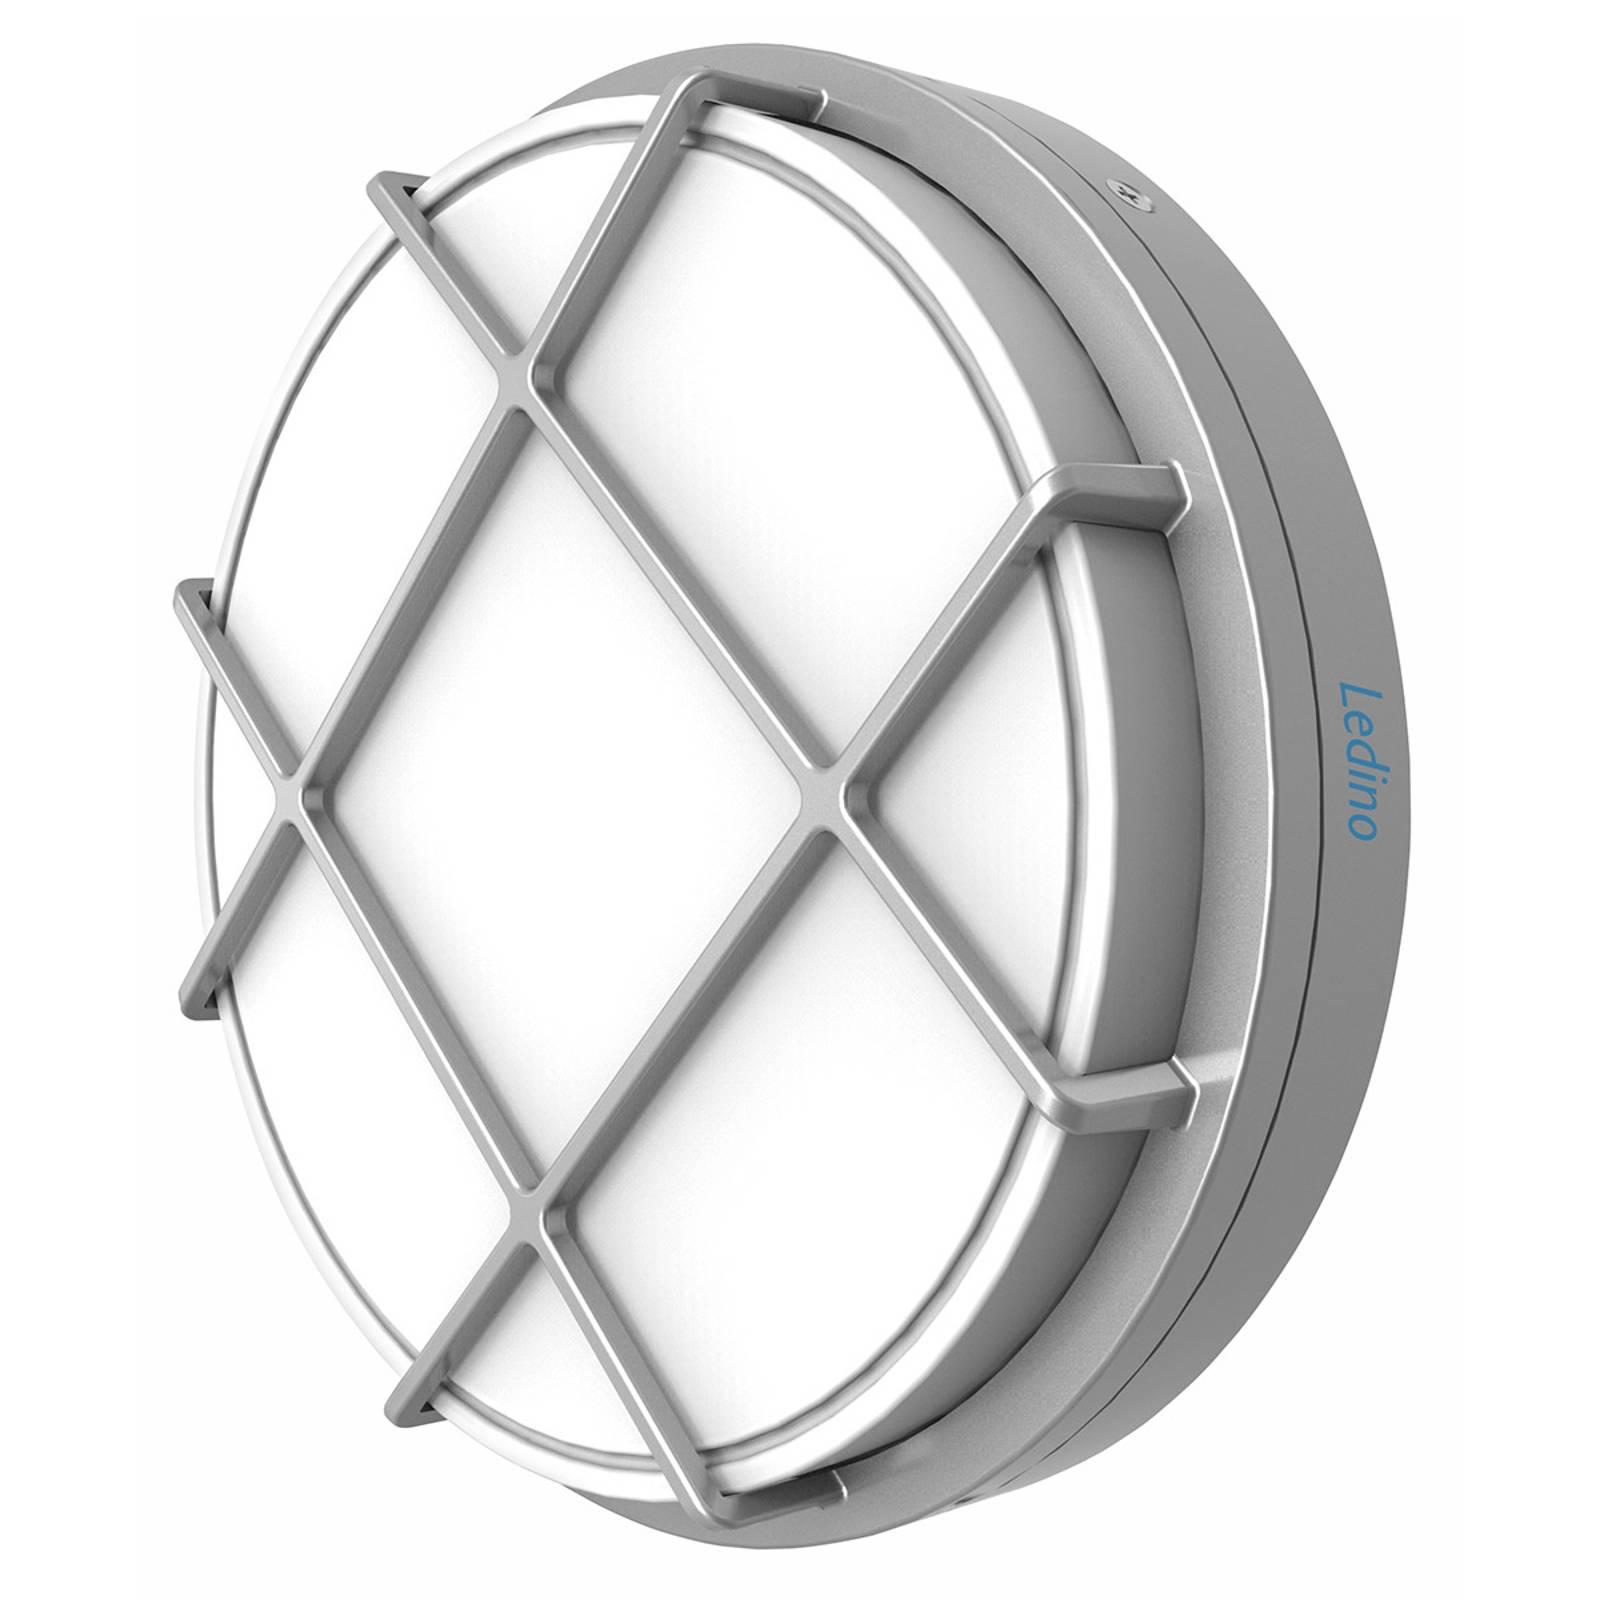 LED-Außenwandleuchte Eller mit IK10, rund